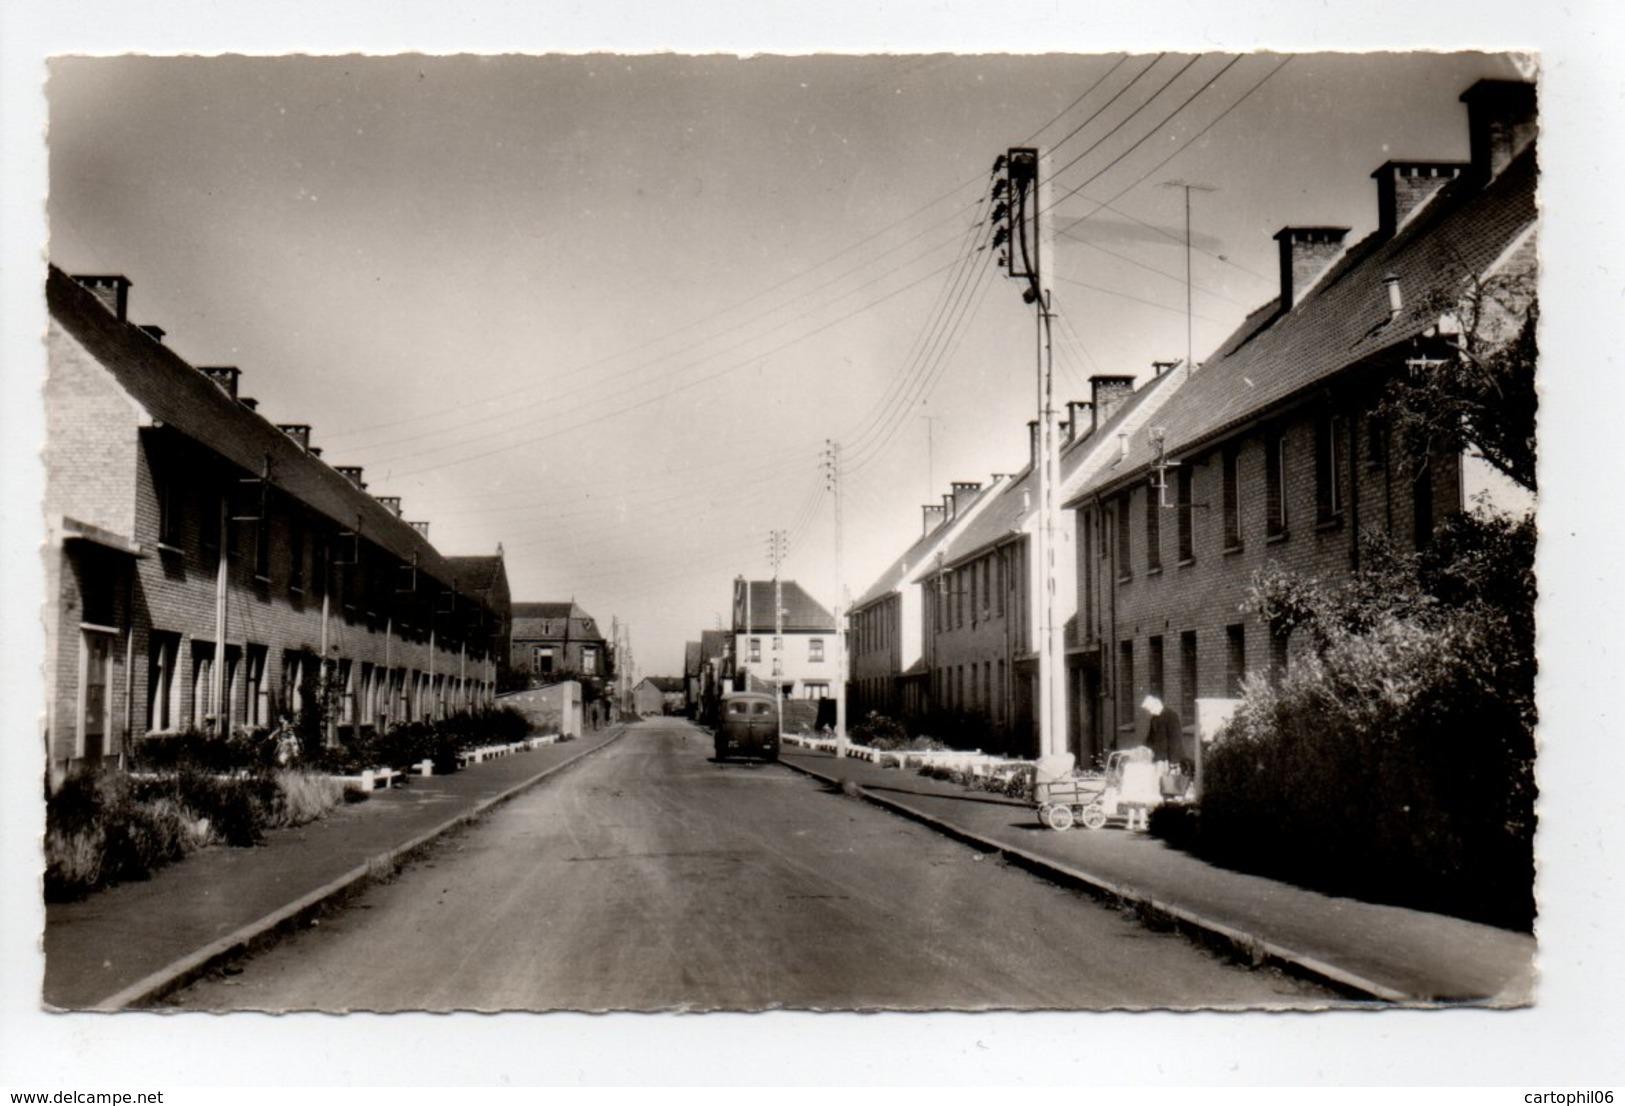 - CPSM BOURBOURG (59) - Rue Benjamin Vandenbroucque - Photo CIM 1682 - - Autres Communes